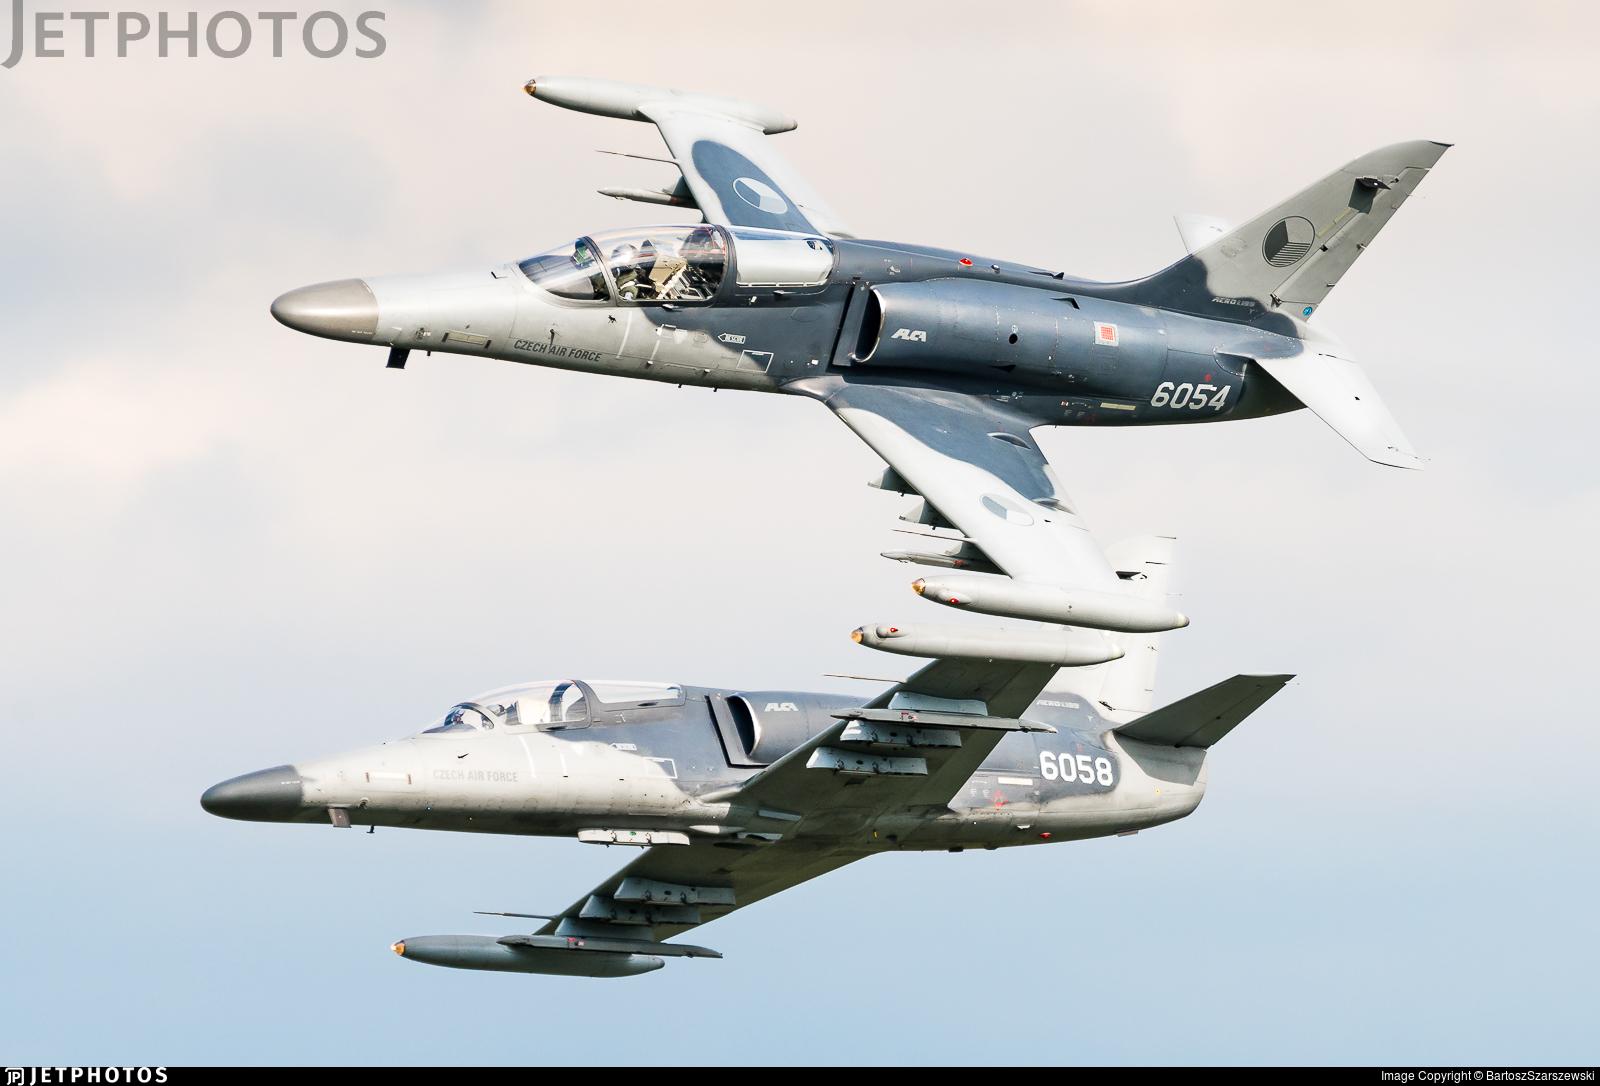 6054 - Aero L-159A Alca - Czech Republic - Air Force